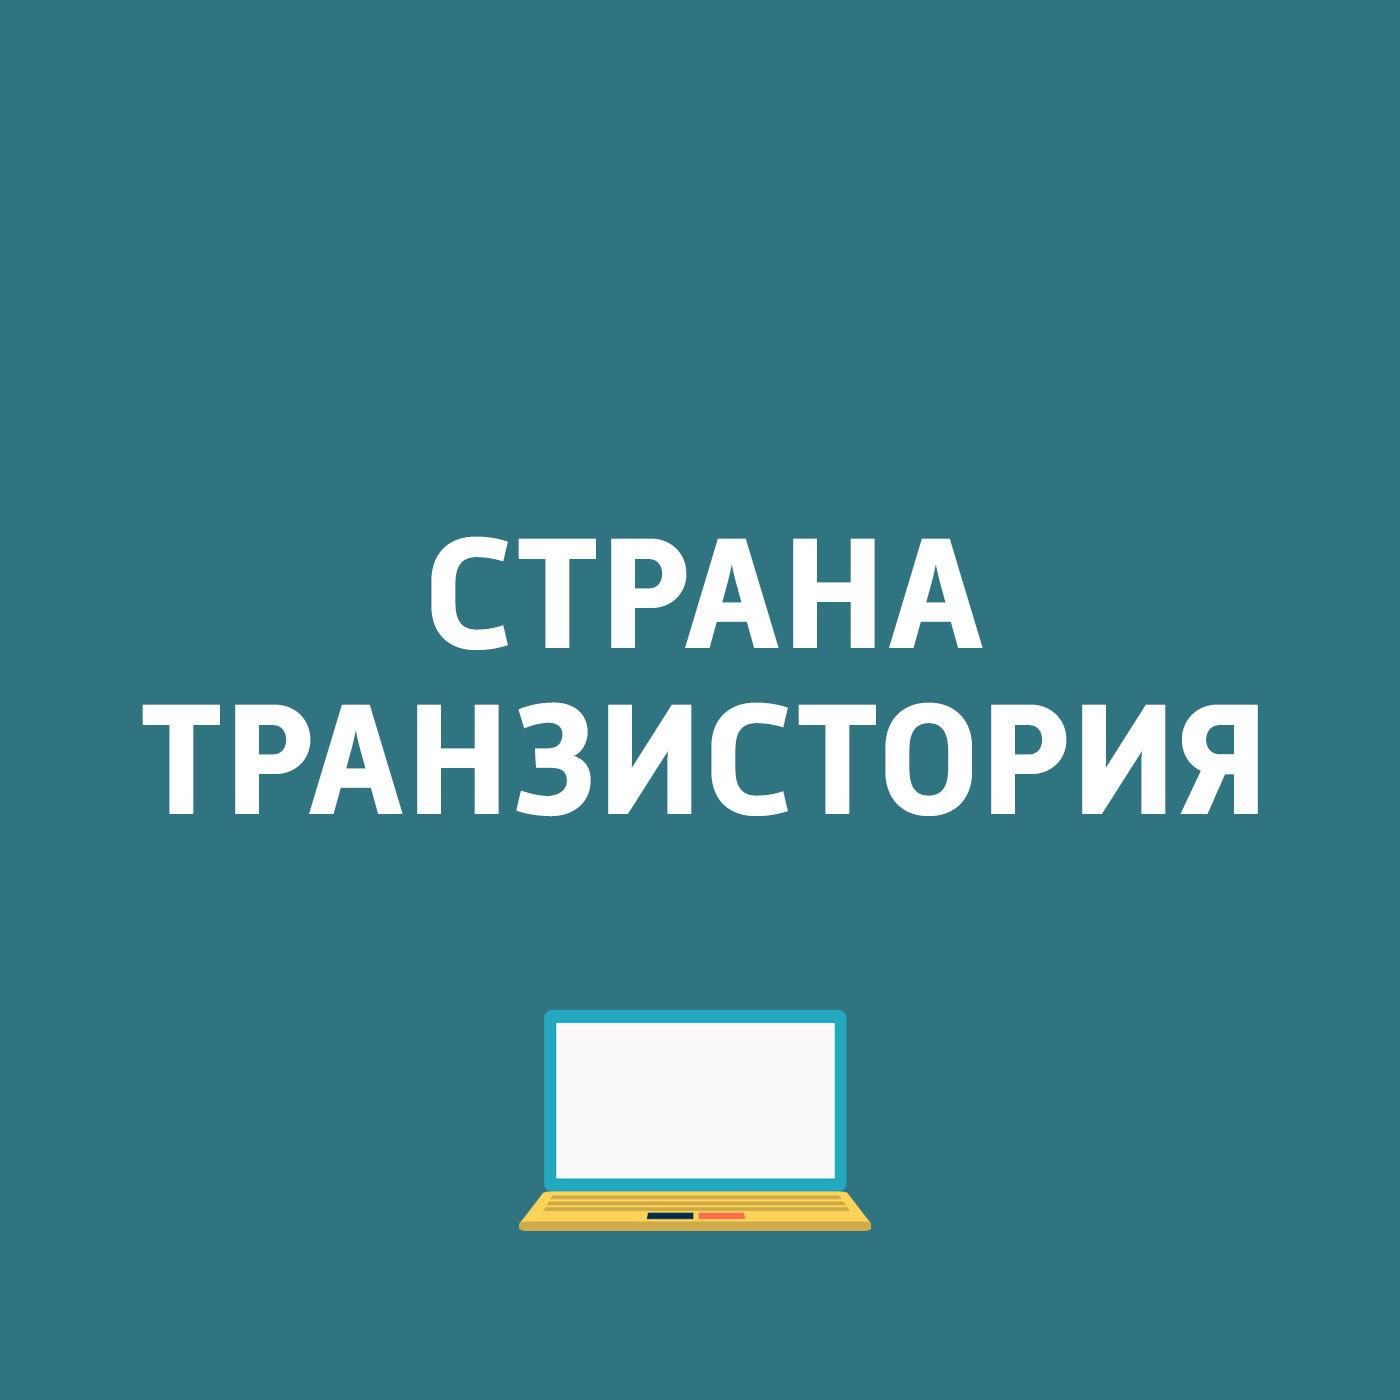 Картаев Павел Павел Картаев о поездке по Алтаю картаев павел сырники